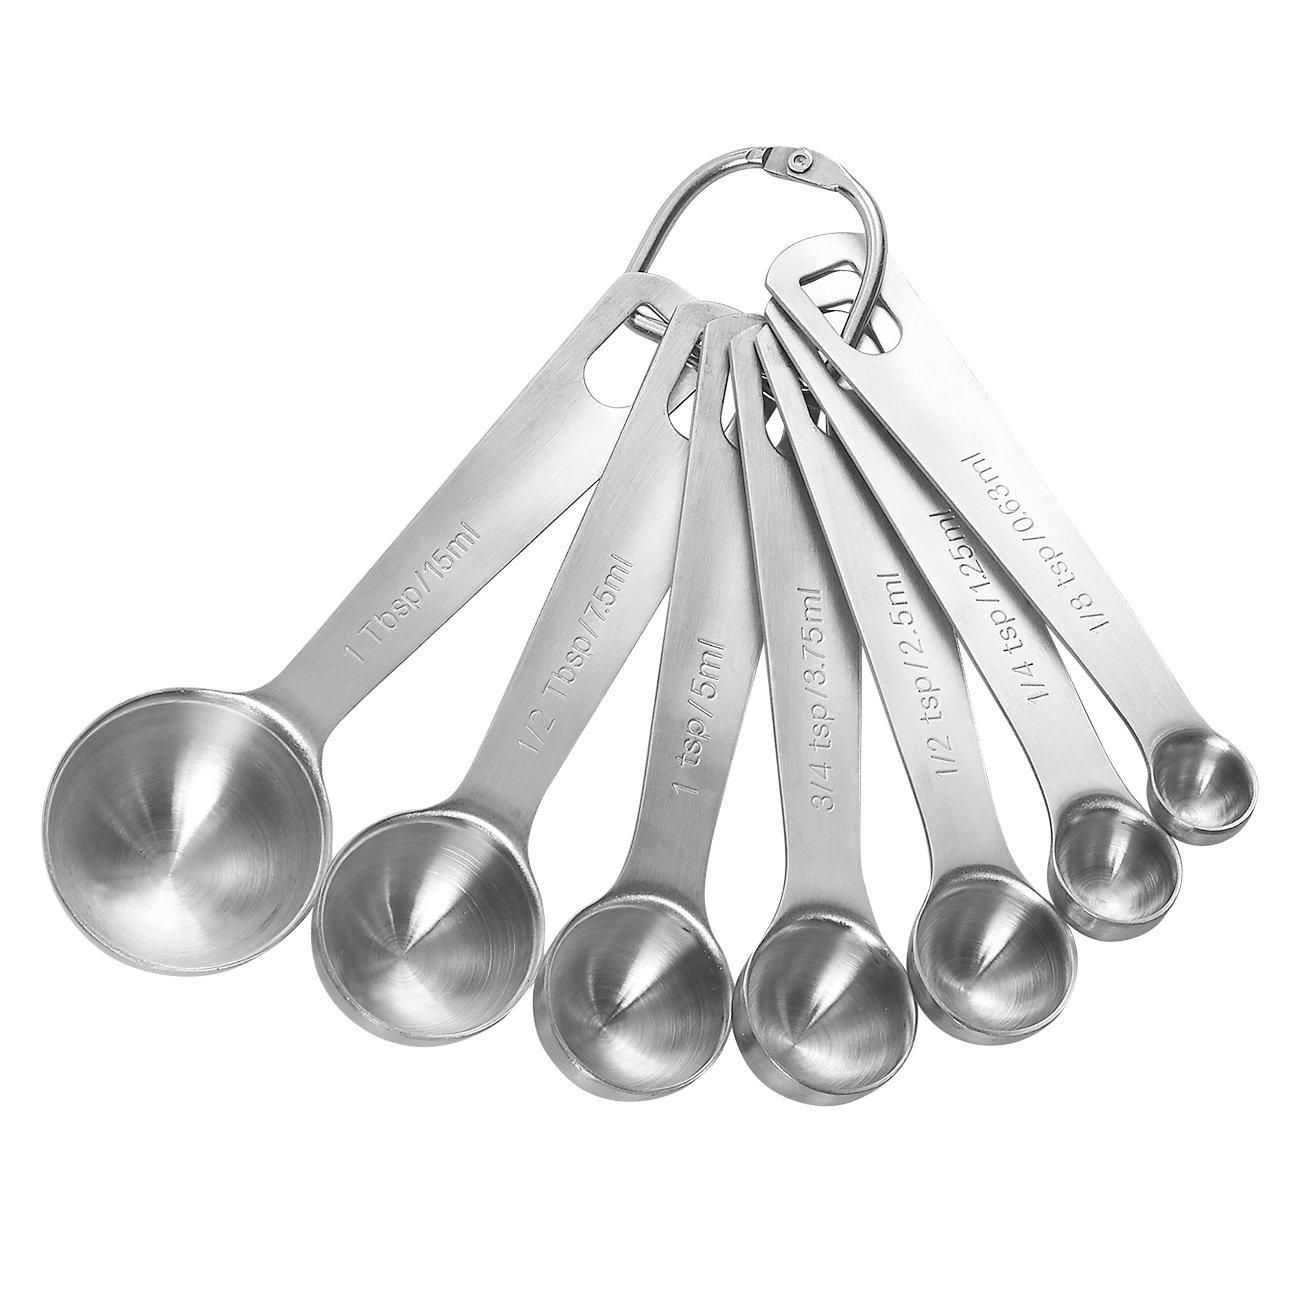 7-teiliges Edelstahl Messlöffel mit loseblattwerken Ring für einfaches Entfernen, 1/8Teelöffel bis 1Esslöffel Juvale